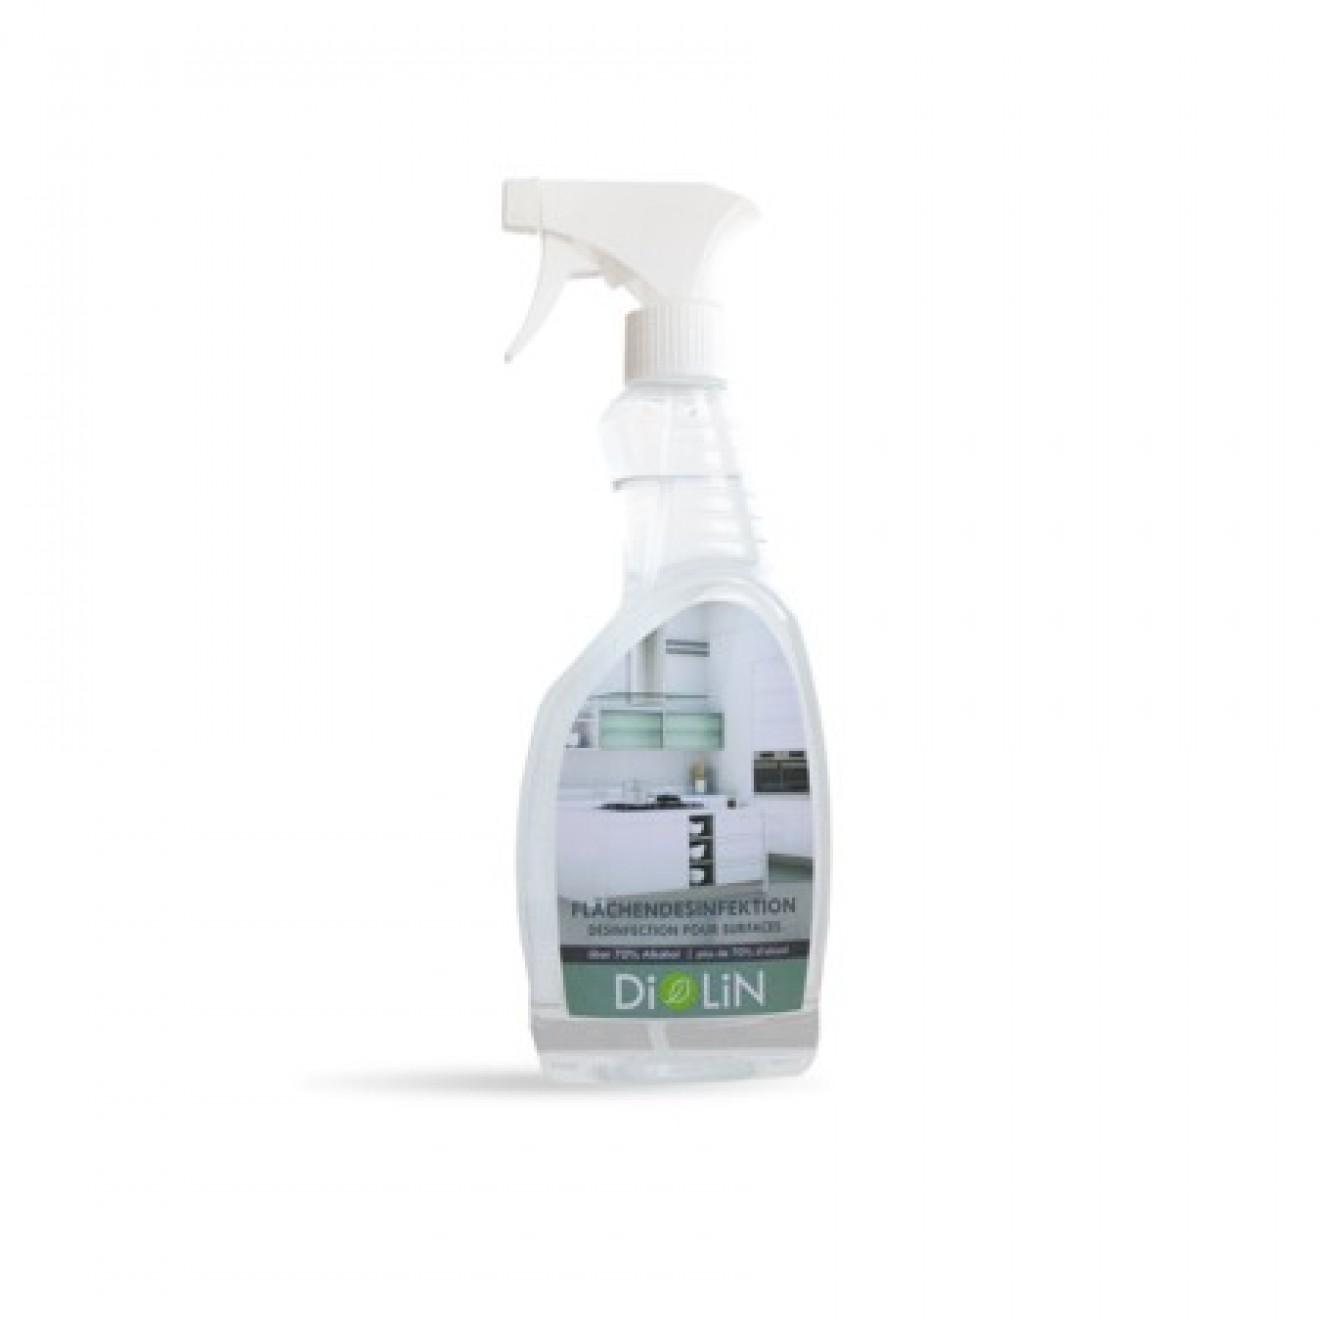 Image of Flächen-Desinfektionsmittel